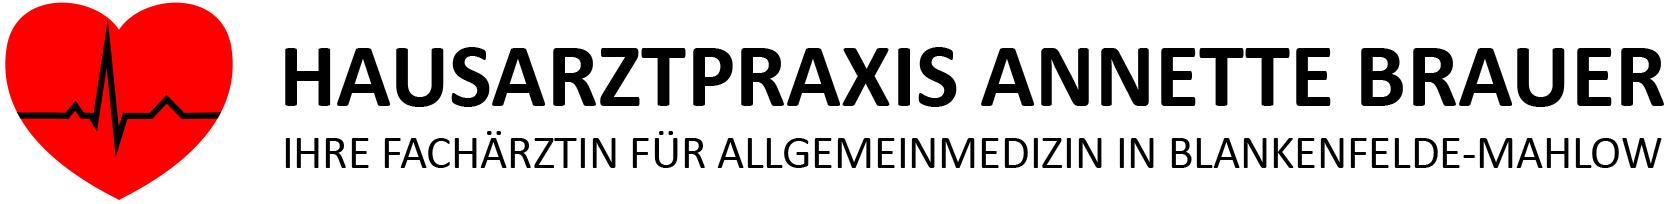 HAUSARZTPRAXIS ANNETTE BRAUER